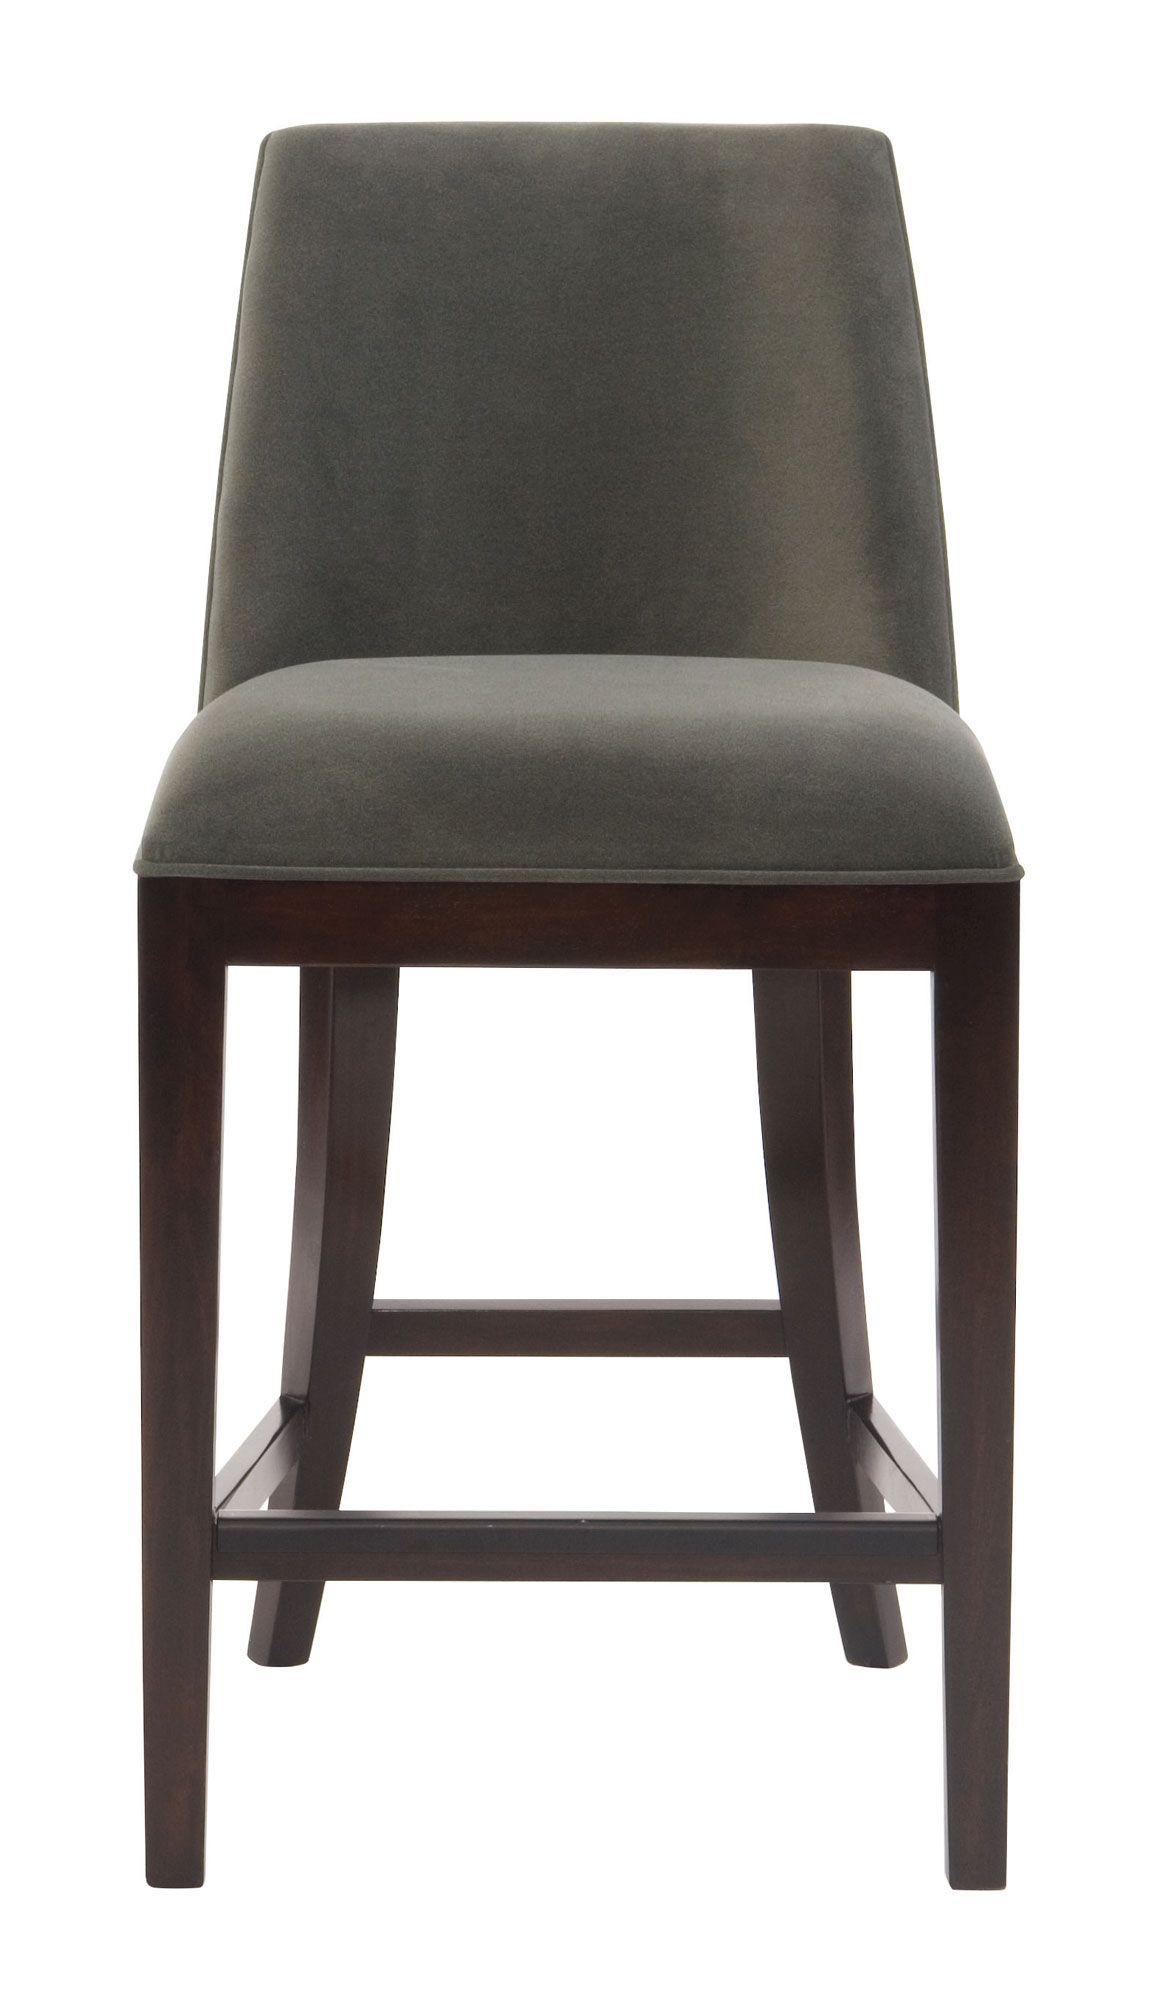 353 583 bailey counter stool bernhardt w 19 d 22 h 37 5 sh 25 sd 353 583 bailey counter stool bernhardt w 19 d 22 h 37 5 sh 25